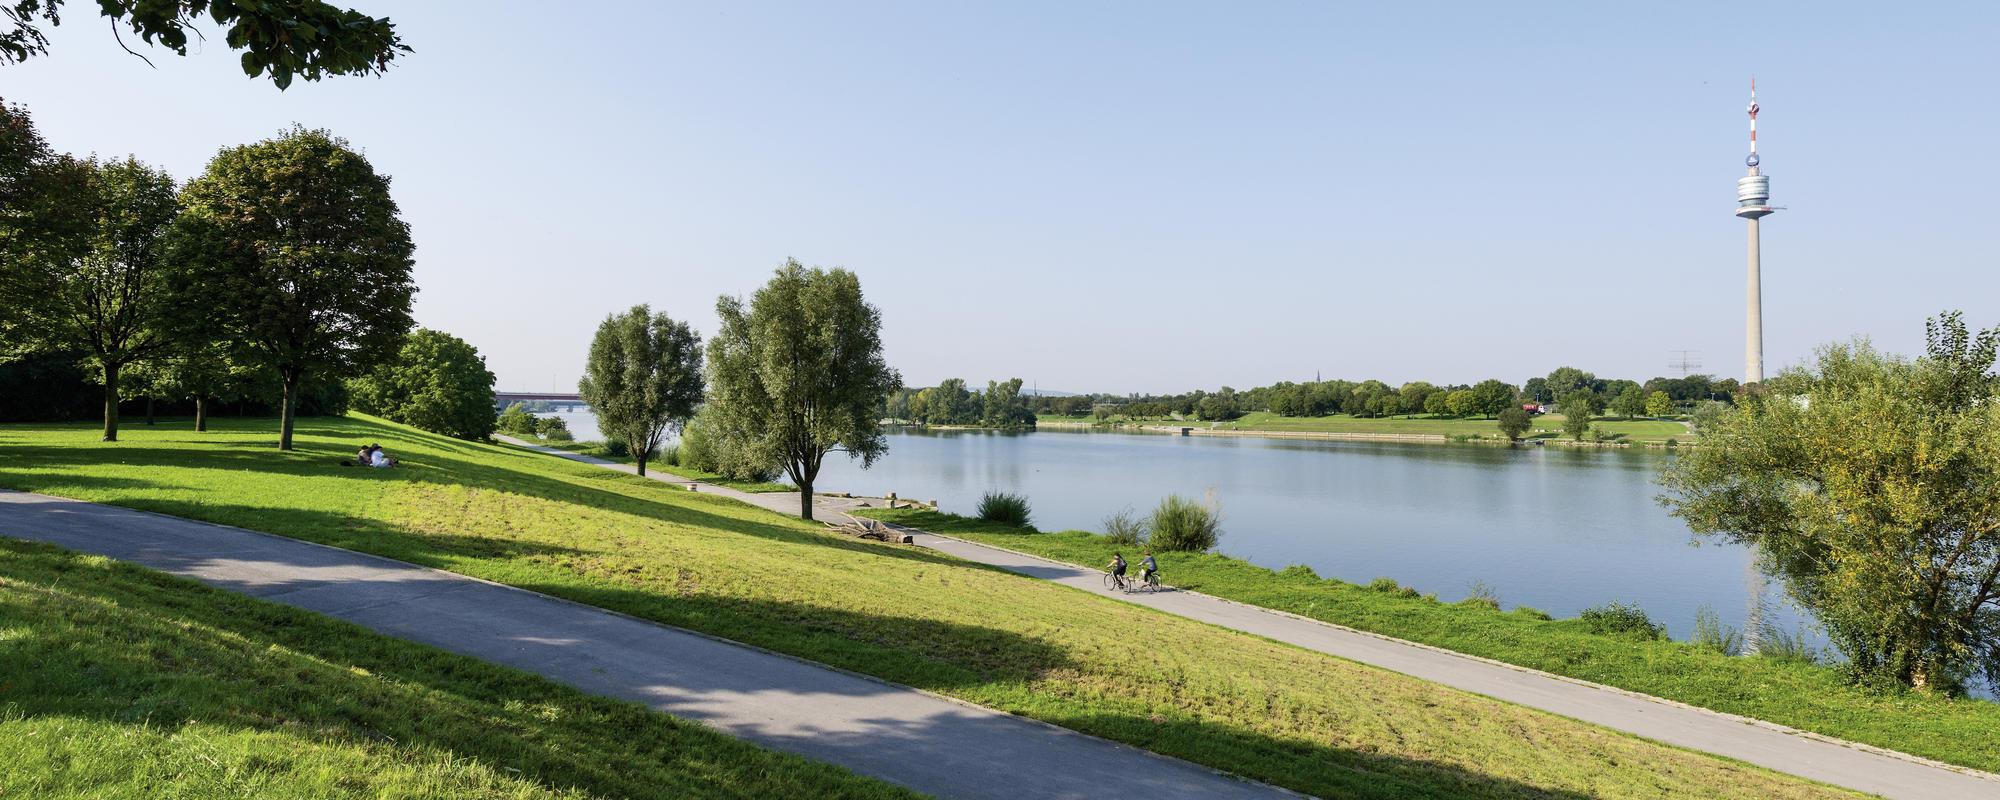 Freizeitparadies Donauinsel   © WienTourismus/Christian Stemper